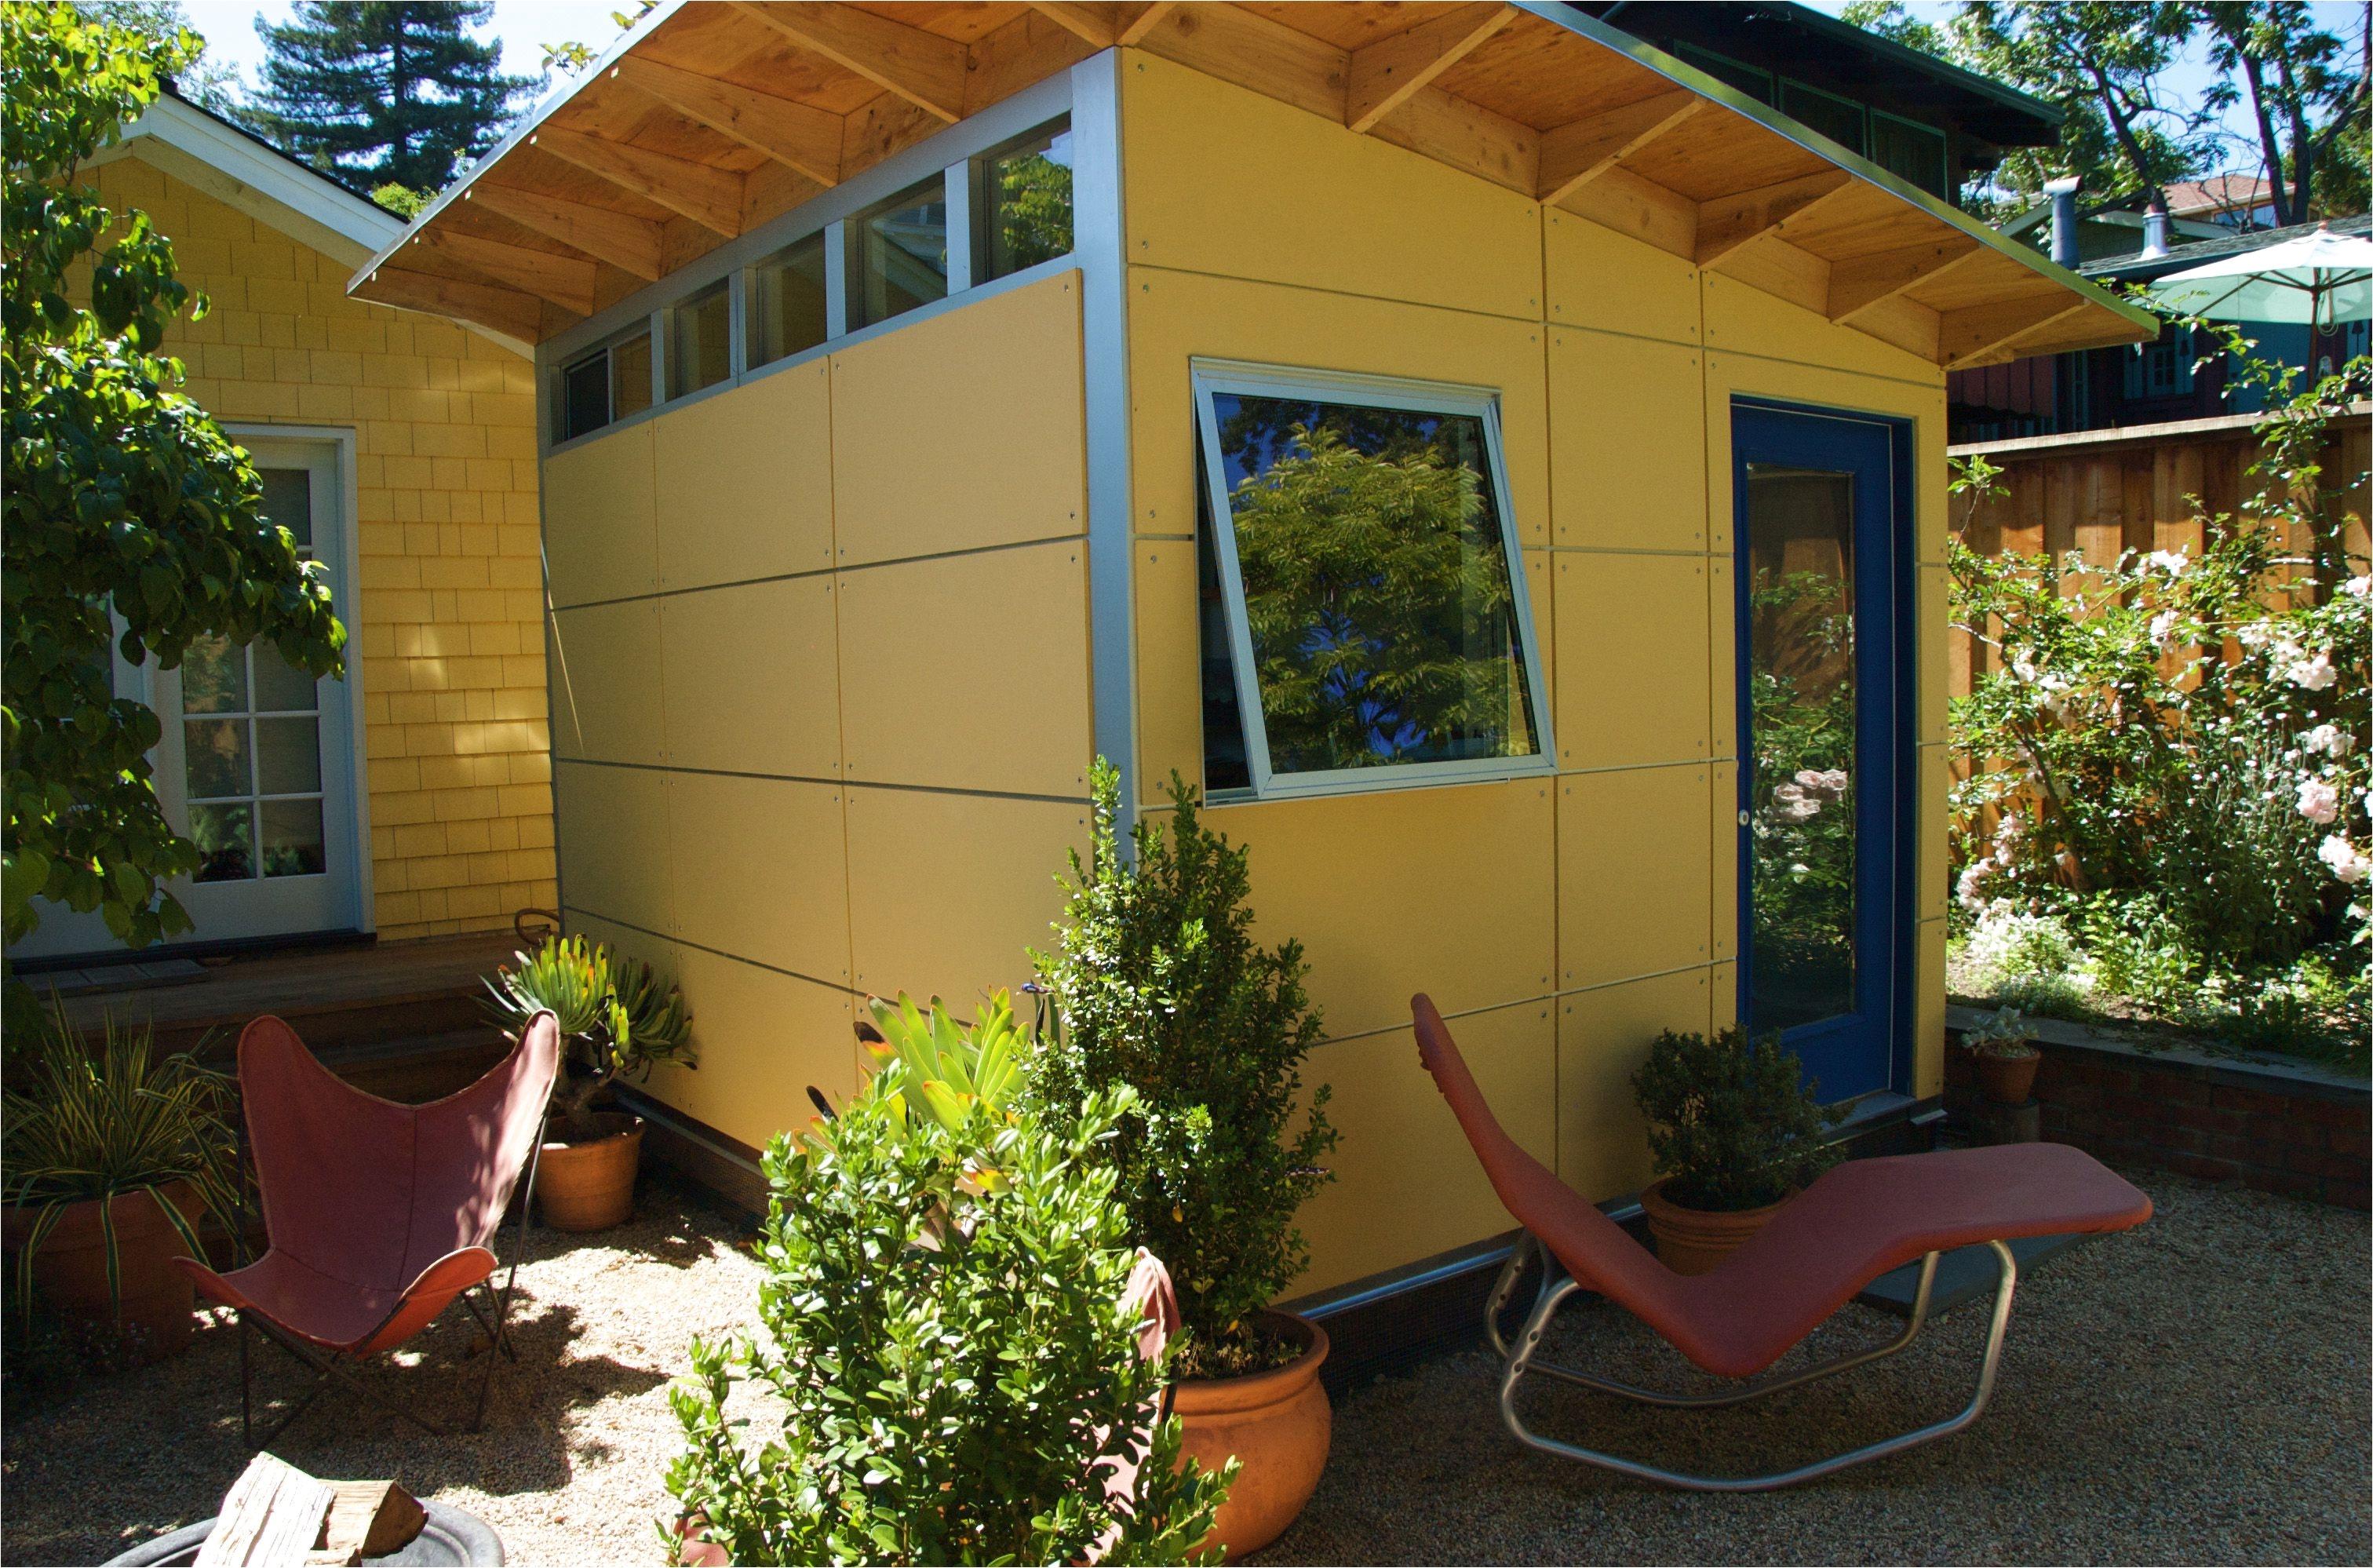 art studio studio shed via smallspace about com 56a887df5f9b58b7d0f3192d